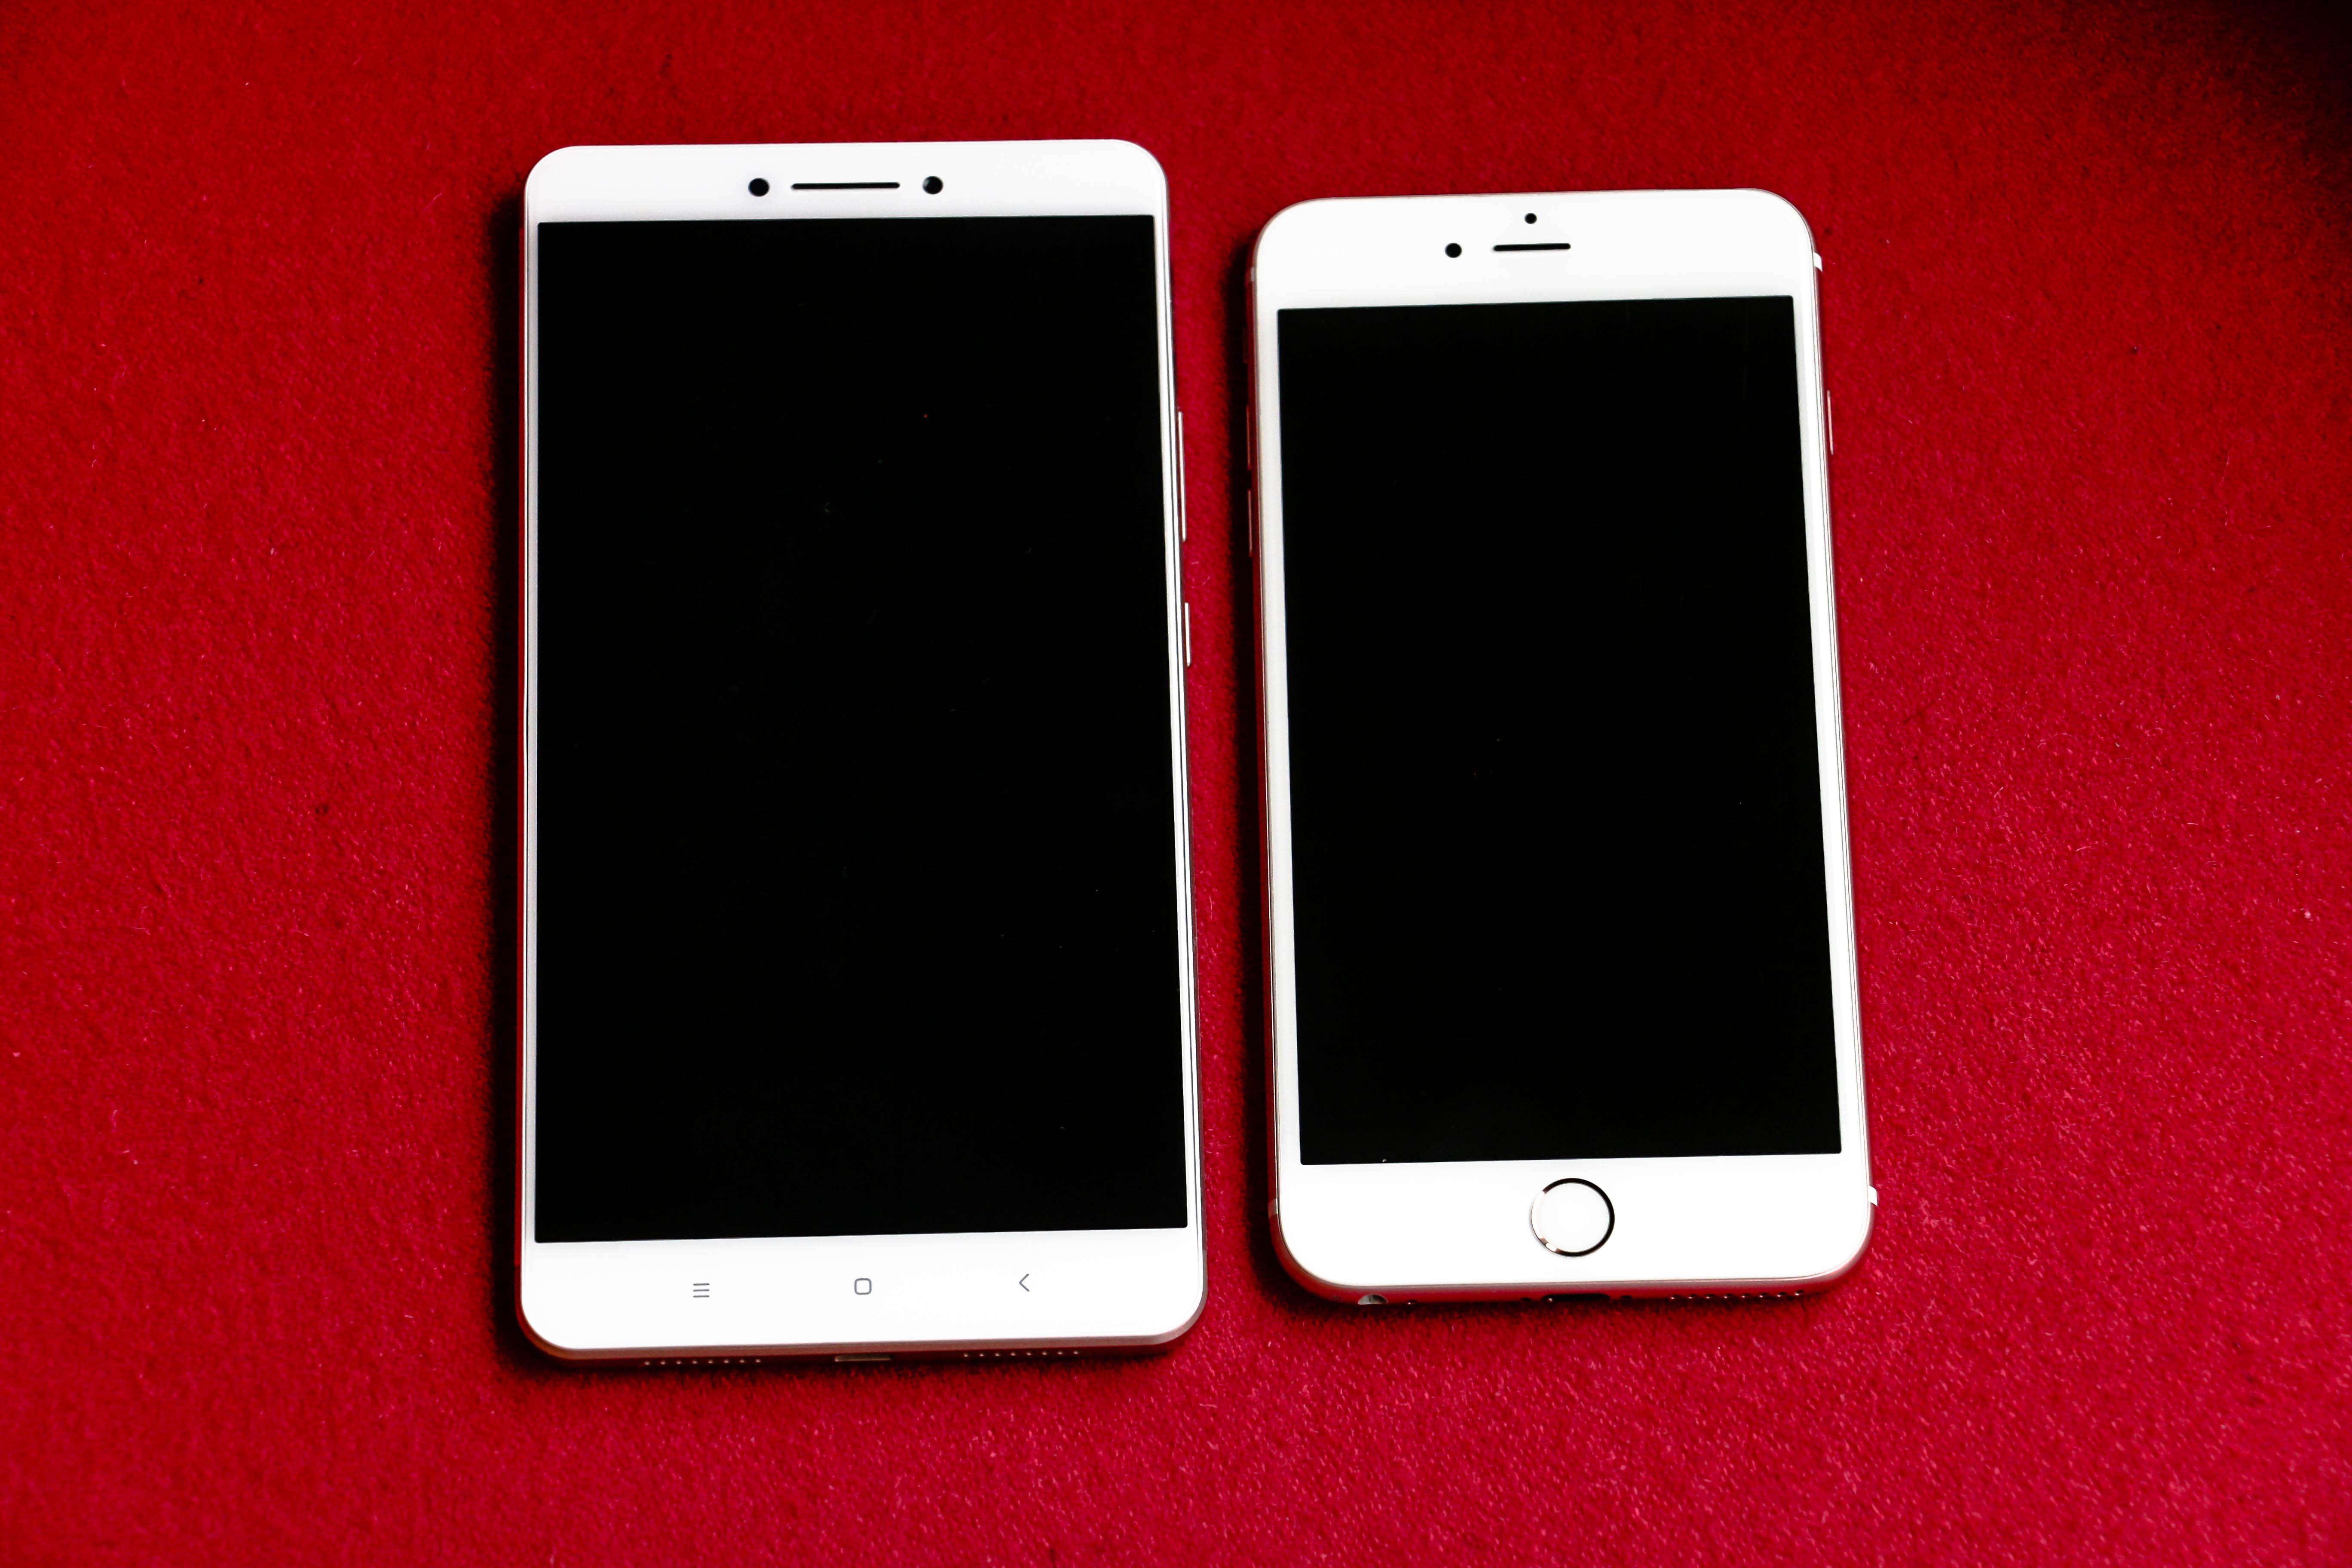 ultimate showdown mi max vs iphone 6plus display comparison mi max mi community xiaomi. Black Bedroom Furniture Sets. Home Design Ideas